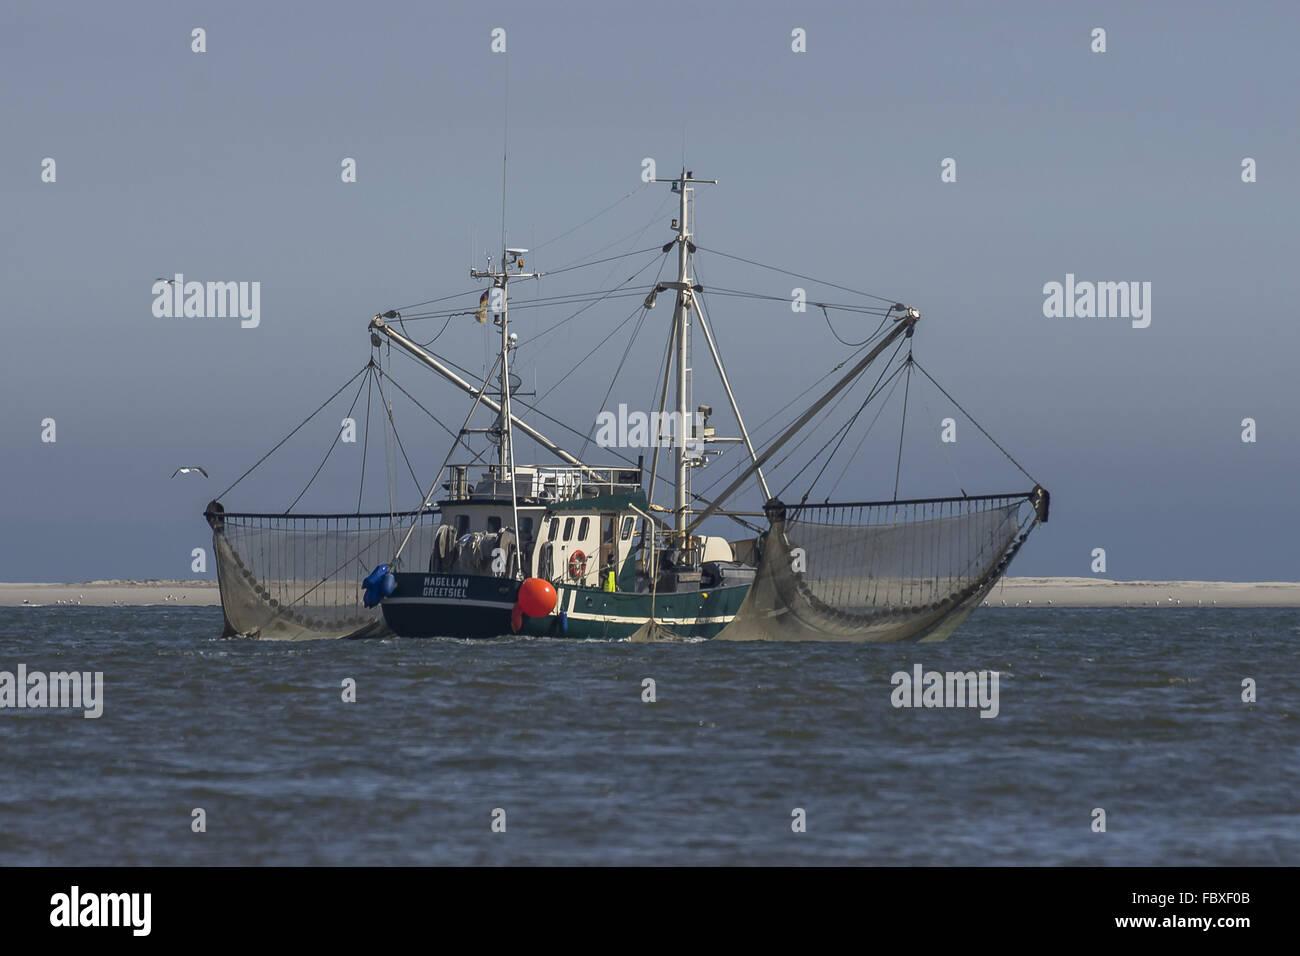 Fishing on the sandbar - Stock Image